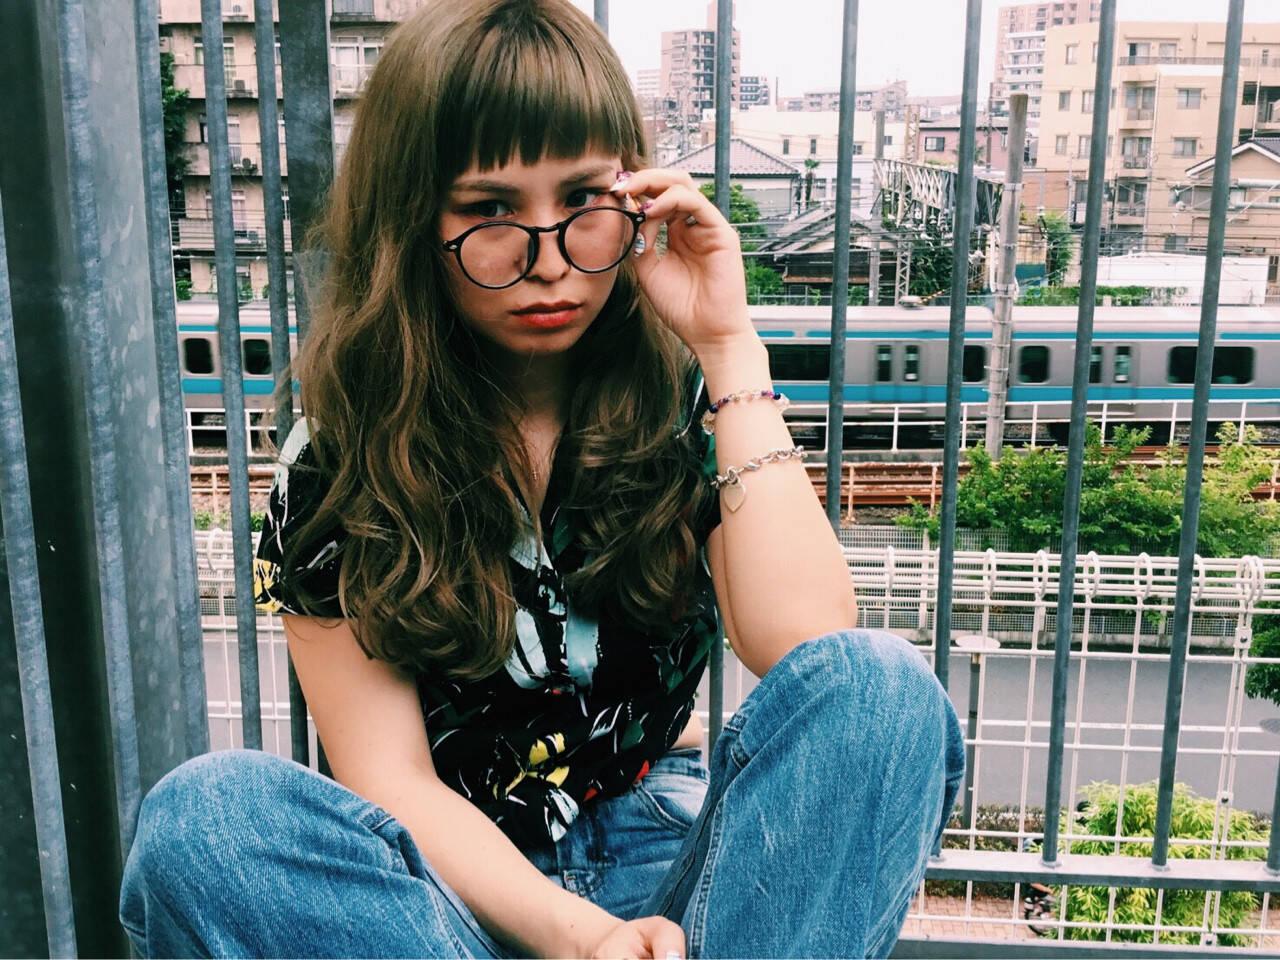 ウェーブ 前髪あり アンニュイ オン眉ヘアスタイルや髪型の写真・画像